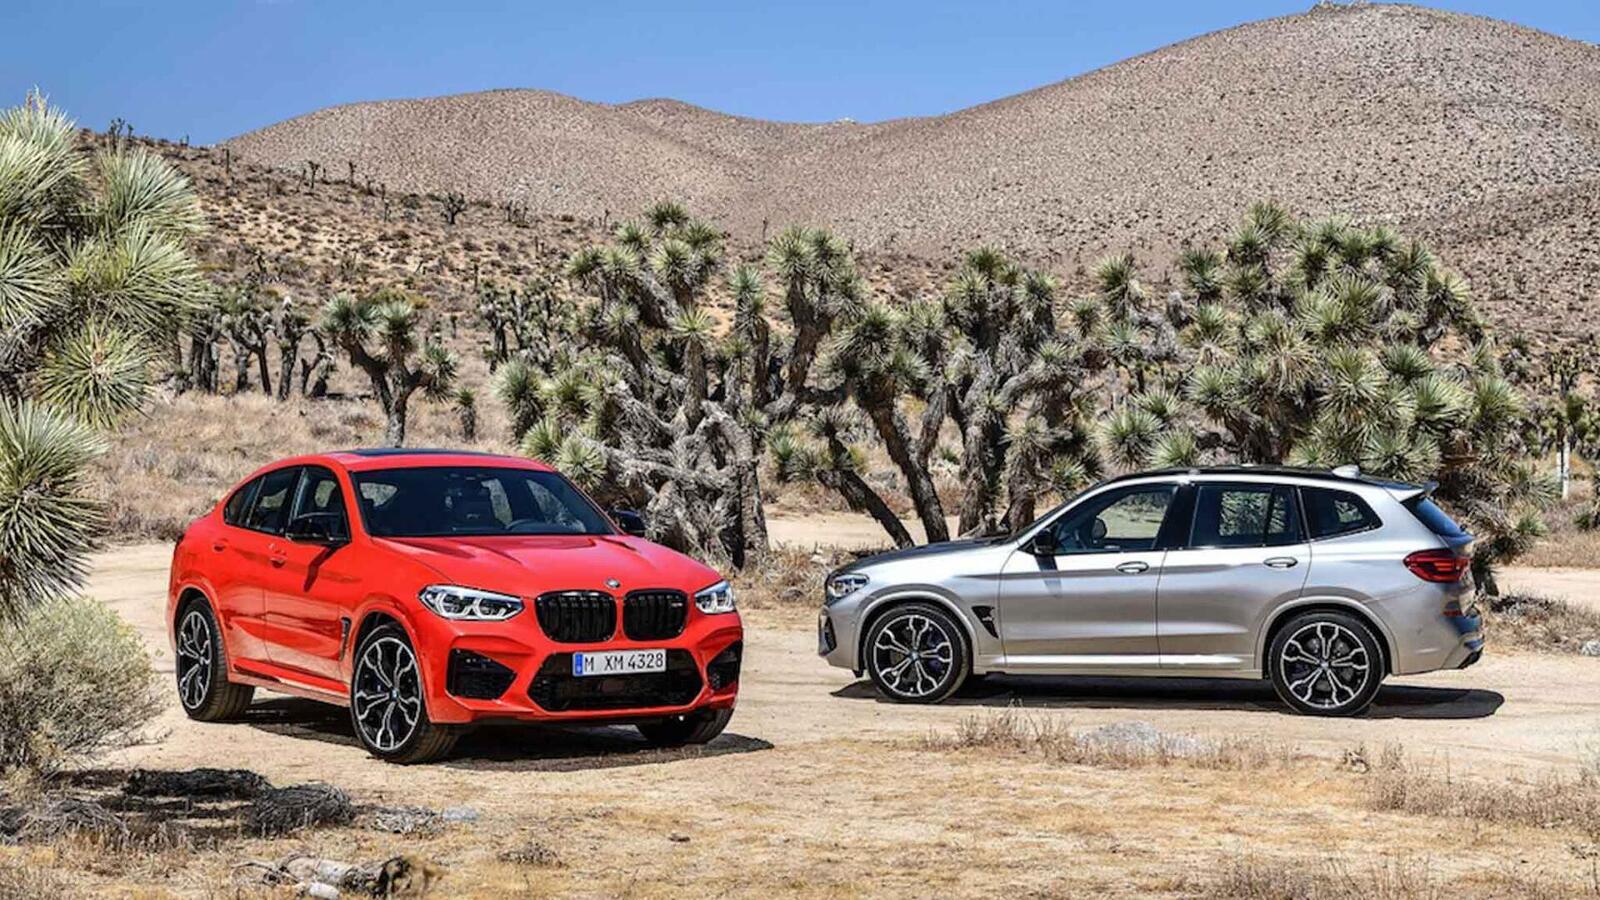 BMW X3 M và X4 M 2020 chính thức ra mắt: Mang trong mình sức mạnh từ 473 - 503 mã lực - Hình 1